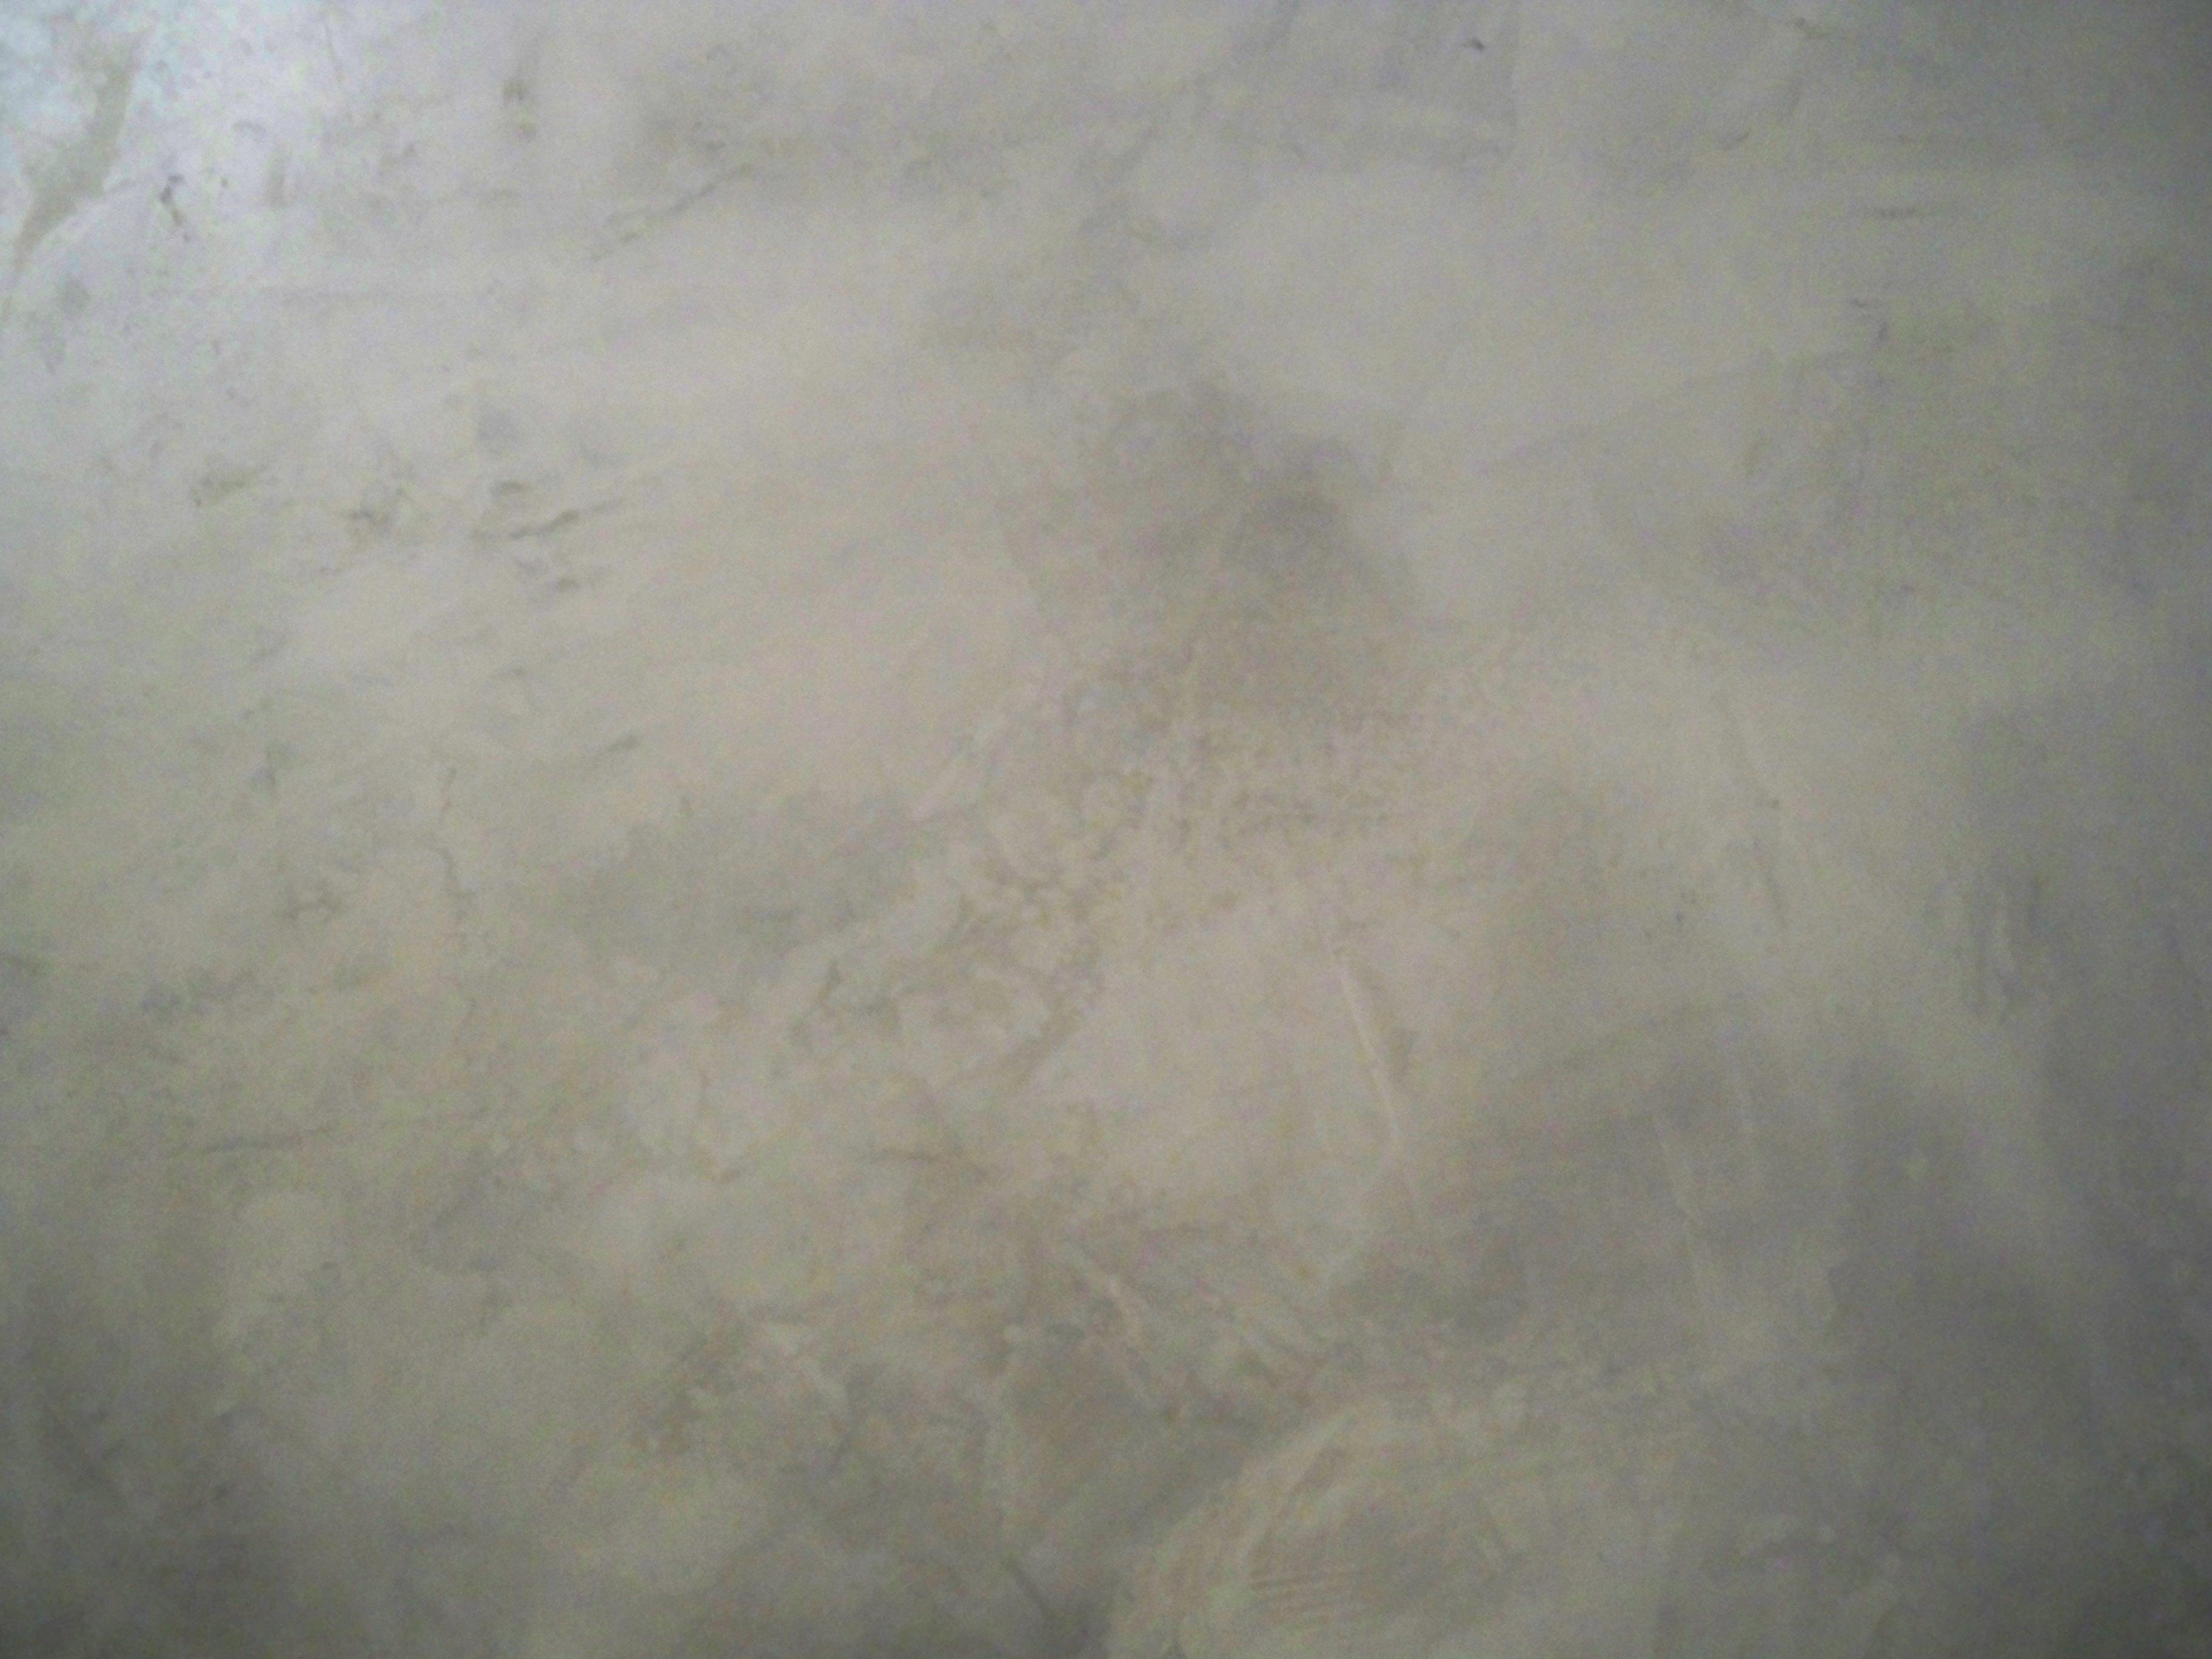 Murals By Marg Silver Venetian Plaster 3.JPG